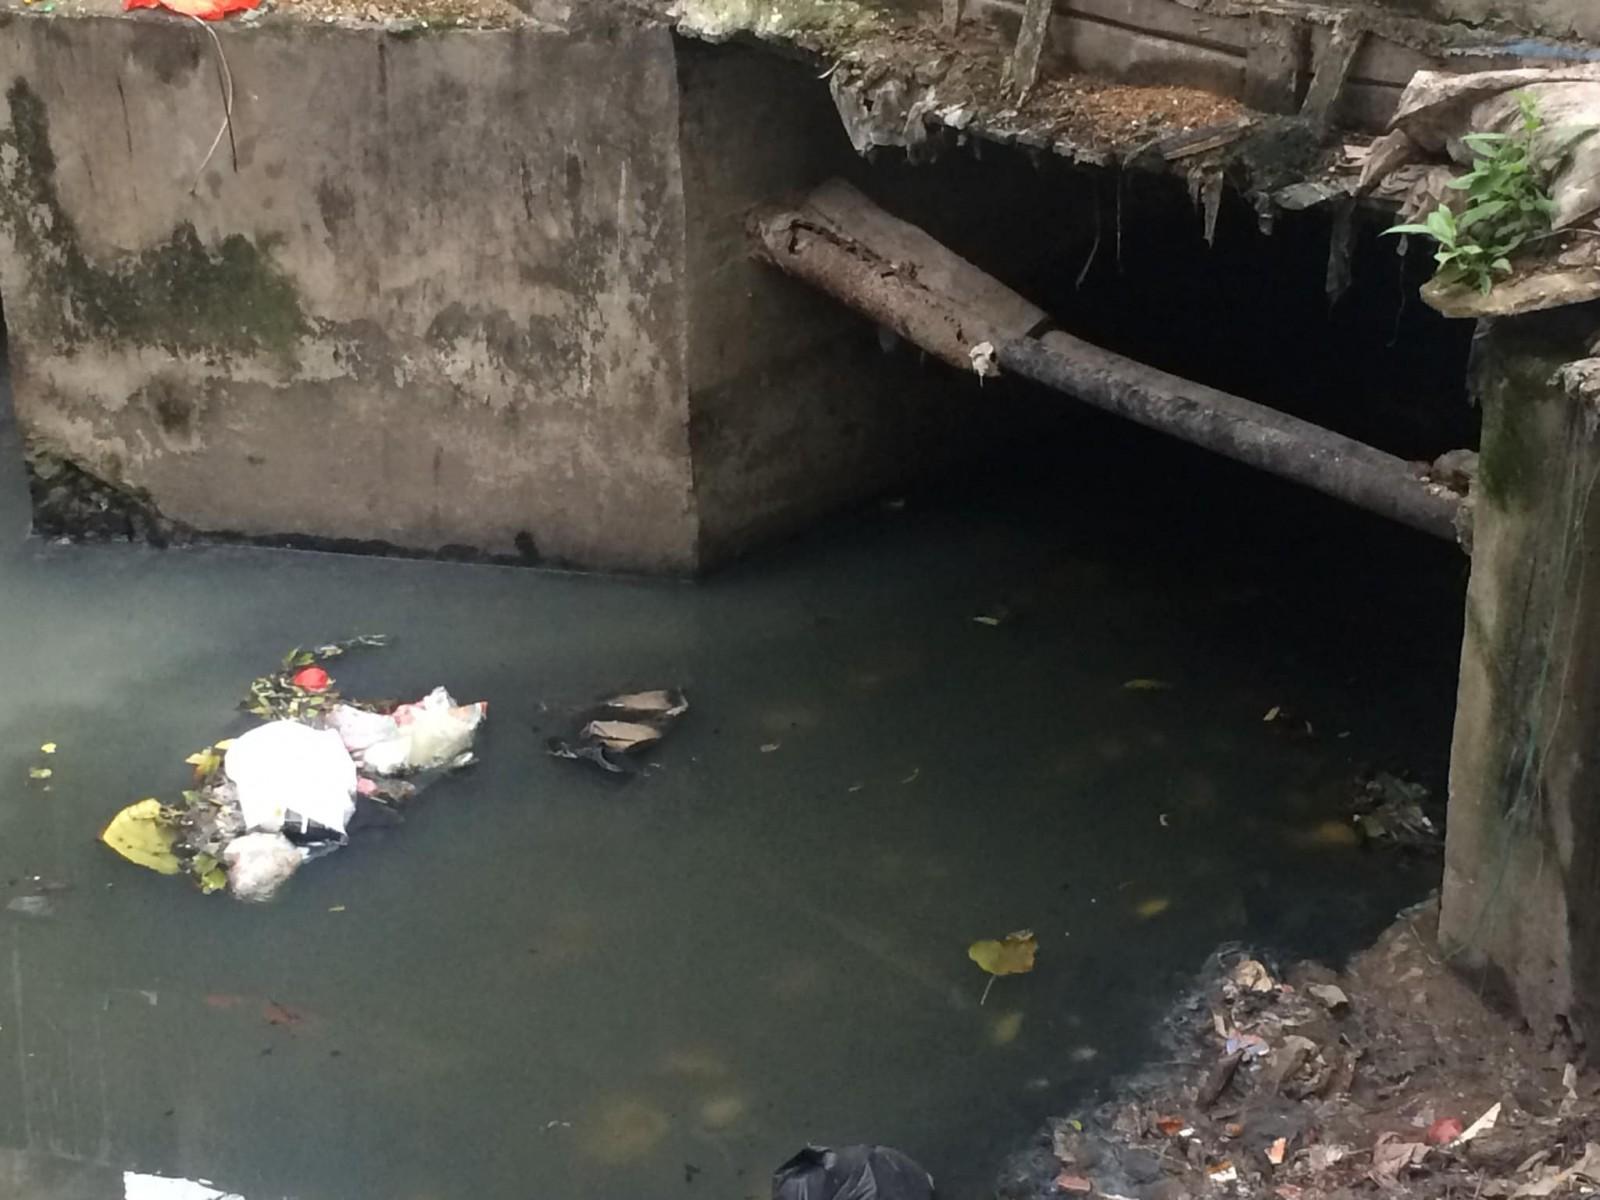 Ảnh 8 : Bên cạnh nguồn nước bị tắc nghẽn, theo phản ảnh của những người dân xung quanh khu Đền Vạn Phúc, nơi đây cũng bị ô nhiễm, tắc nghẽn trong việc xử lí nước thải bởi rác thải mà nhiều người mang đến